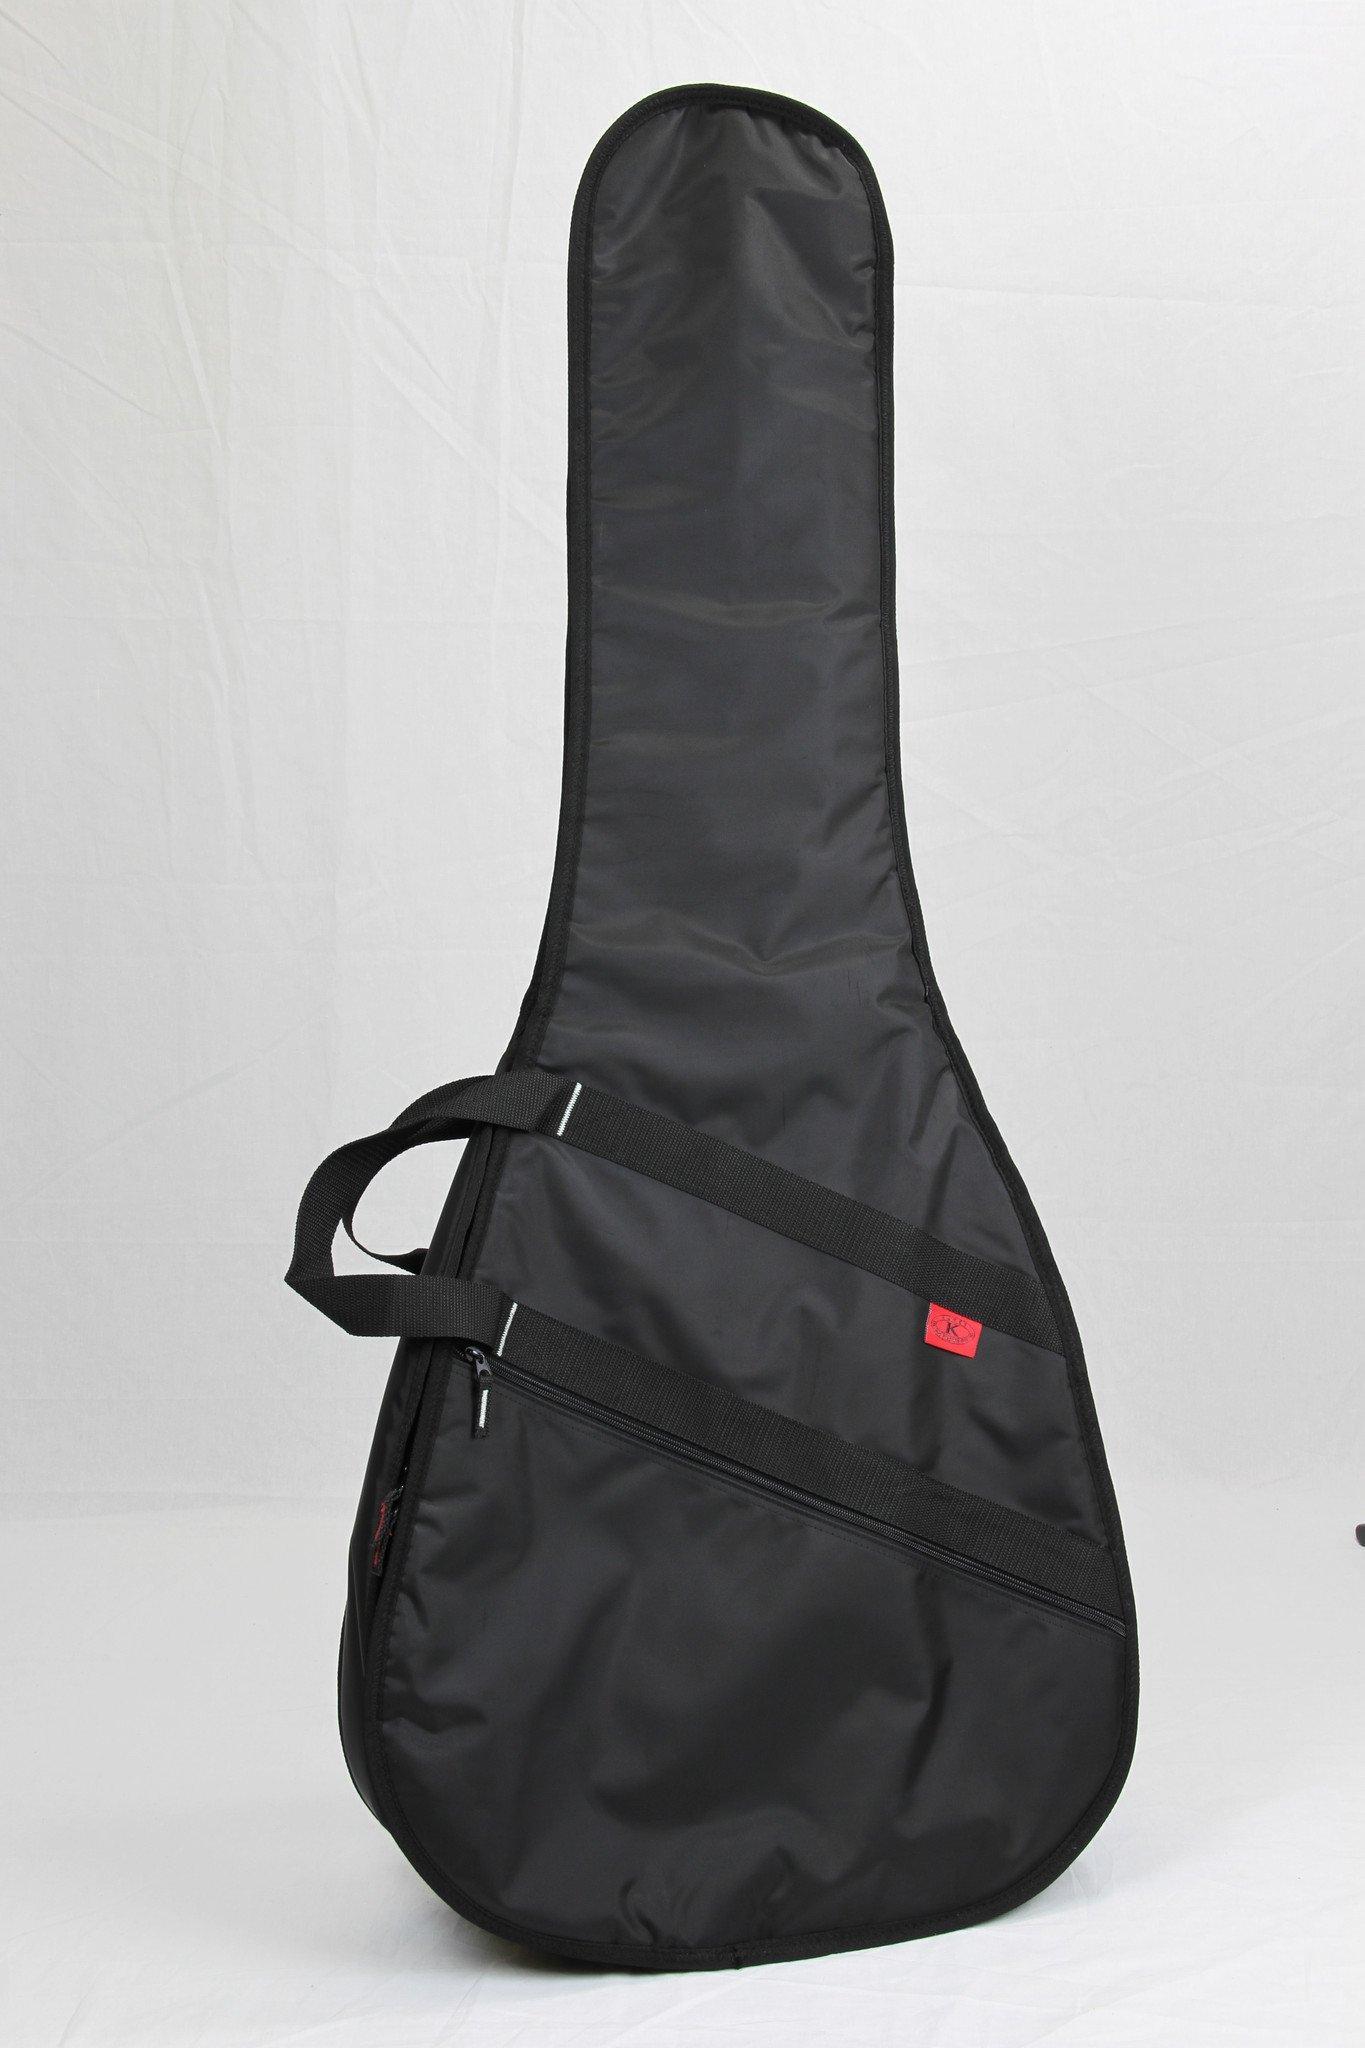 RAZOR Xpress Classical Guitar Bag